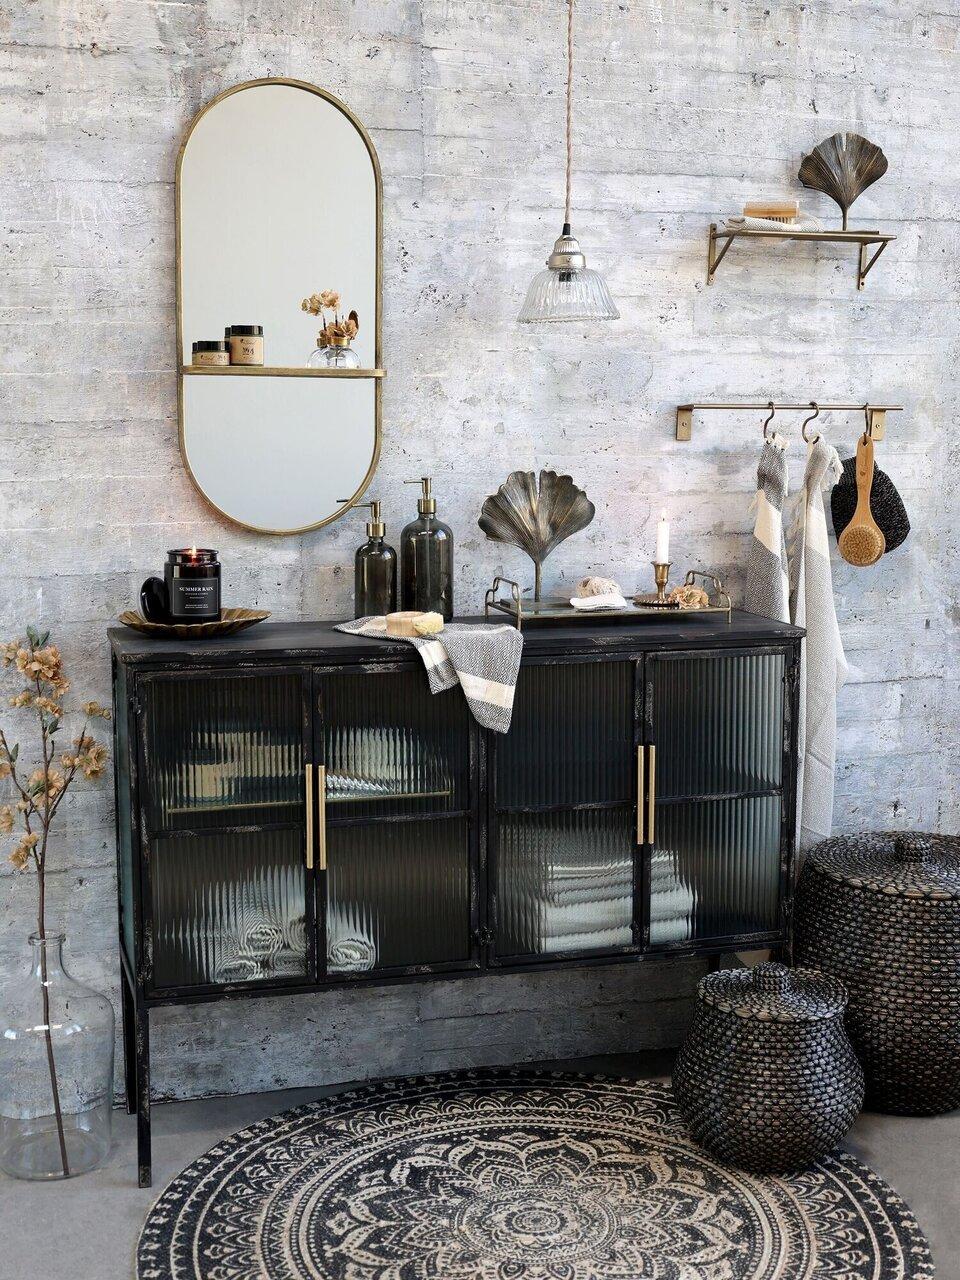 Alles für ein Wellness Badezimmer mit Chic Antique